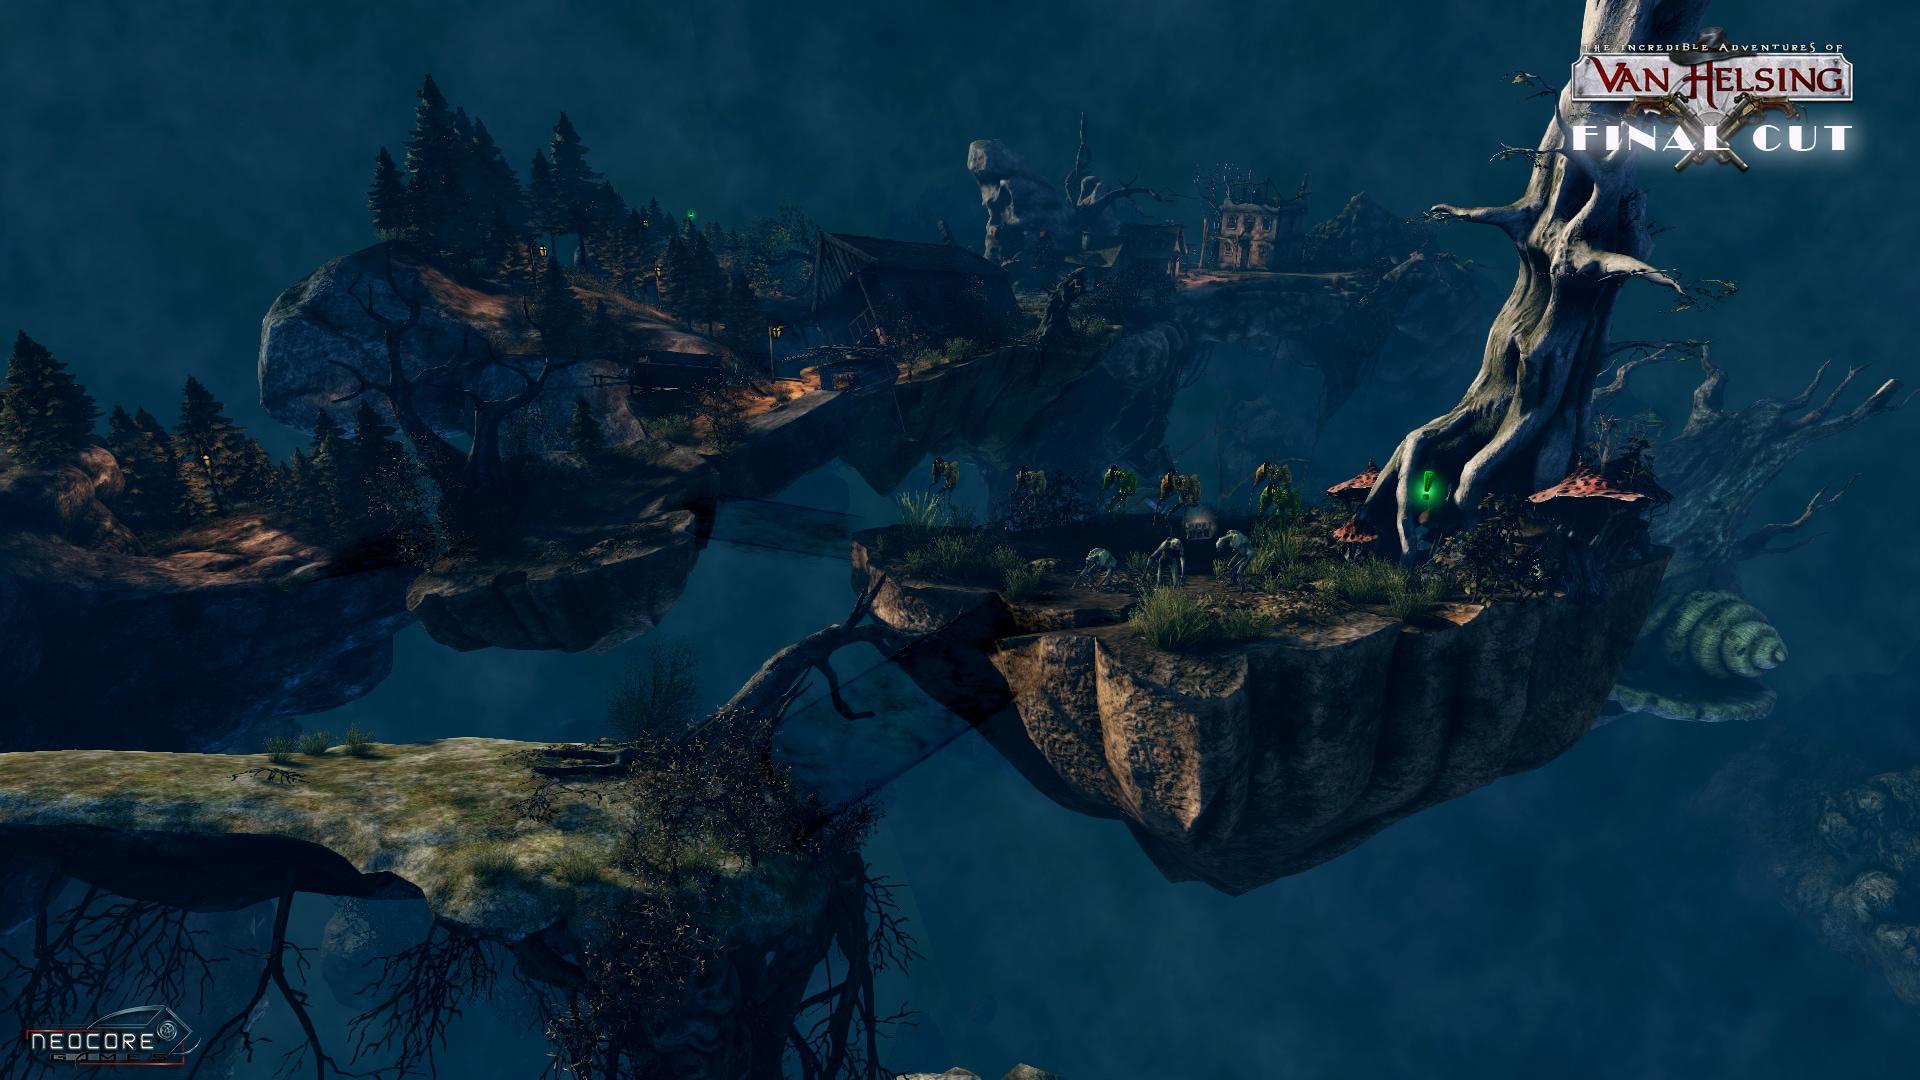 The Incredible Adventures of Van Helsing: Final Cut Steam Key GLOBAL - 4